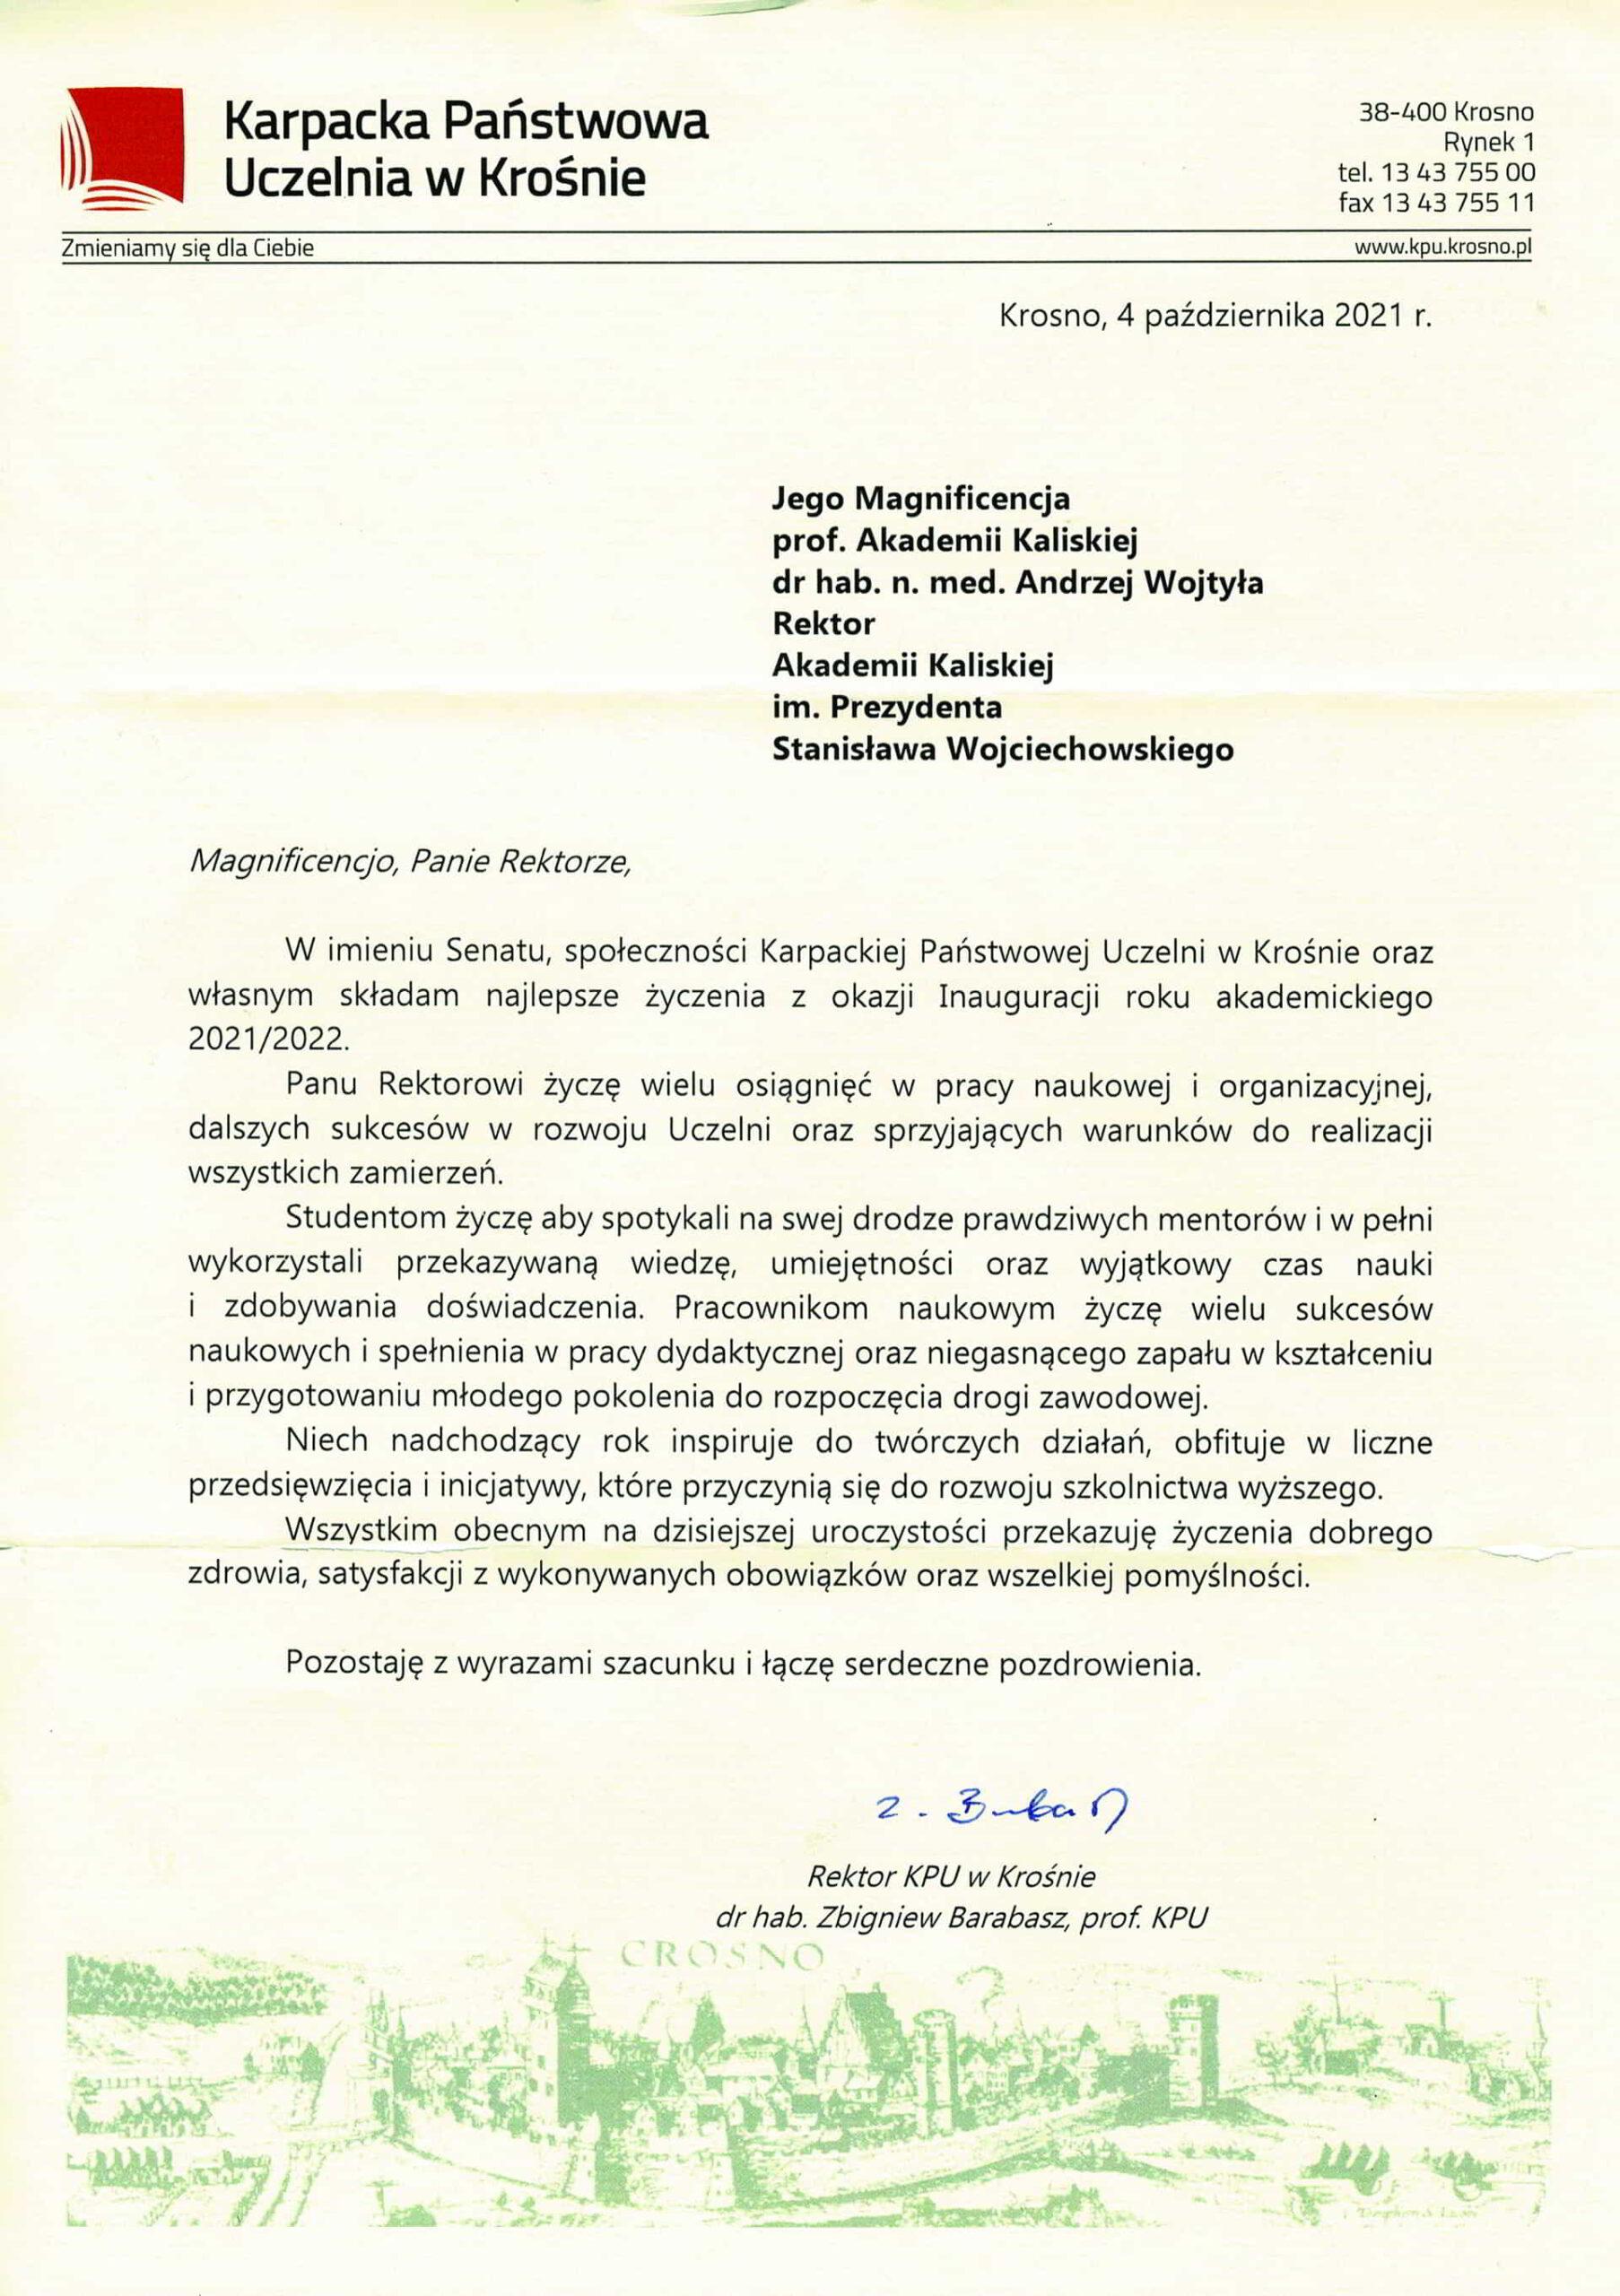 życzenia inauguracja roku akademickiego 2021/2022 Rektor KPU w Krośnie